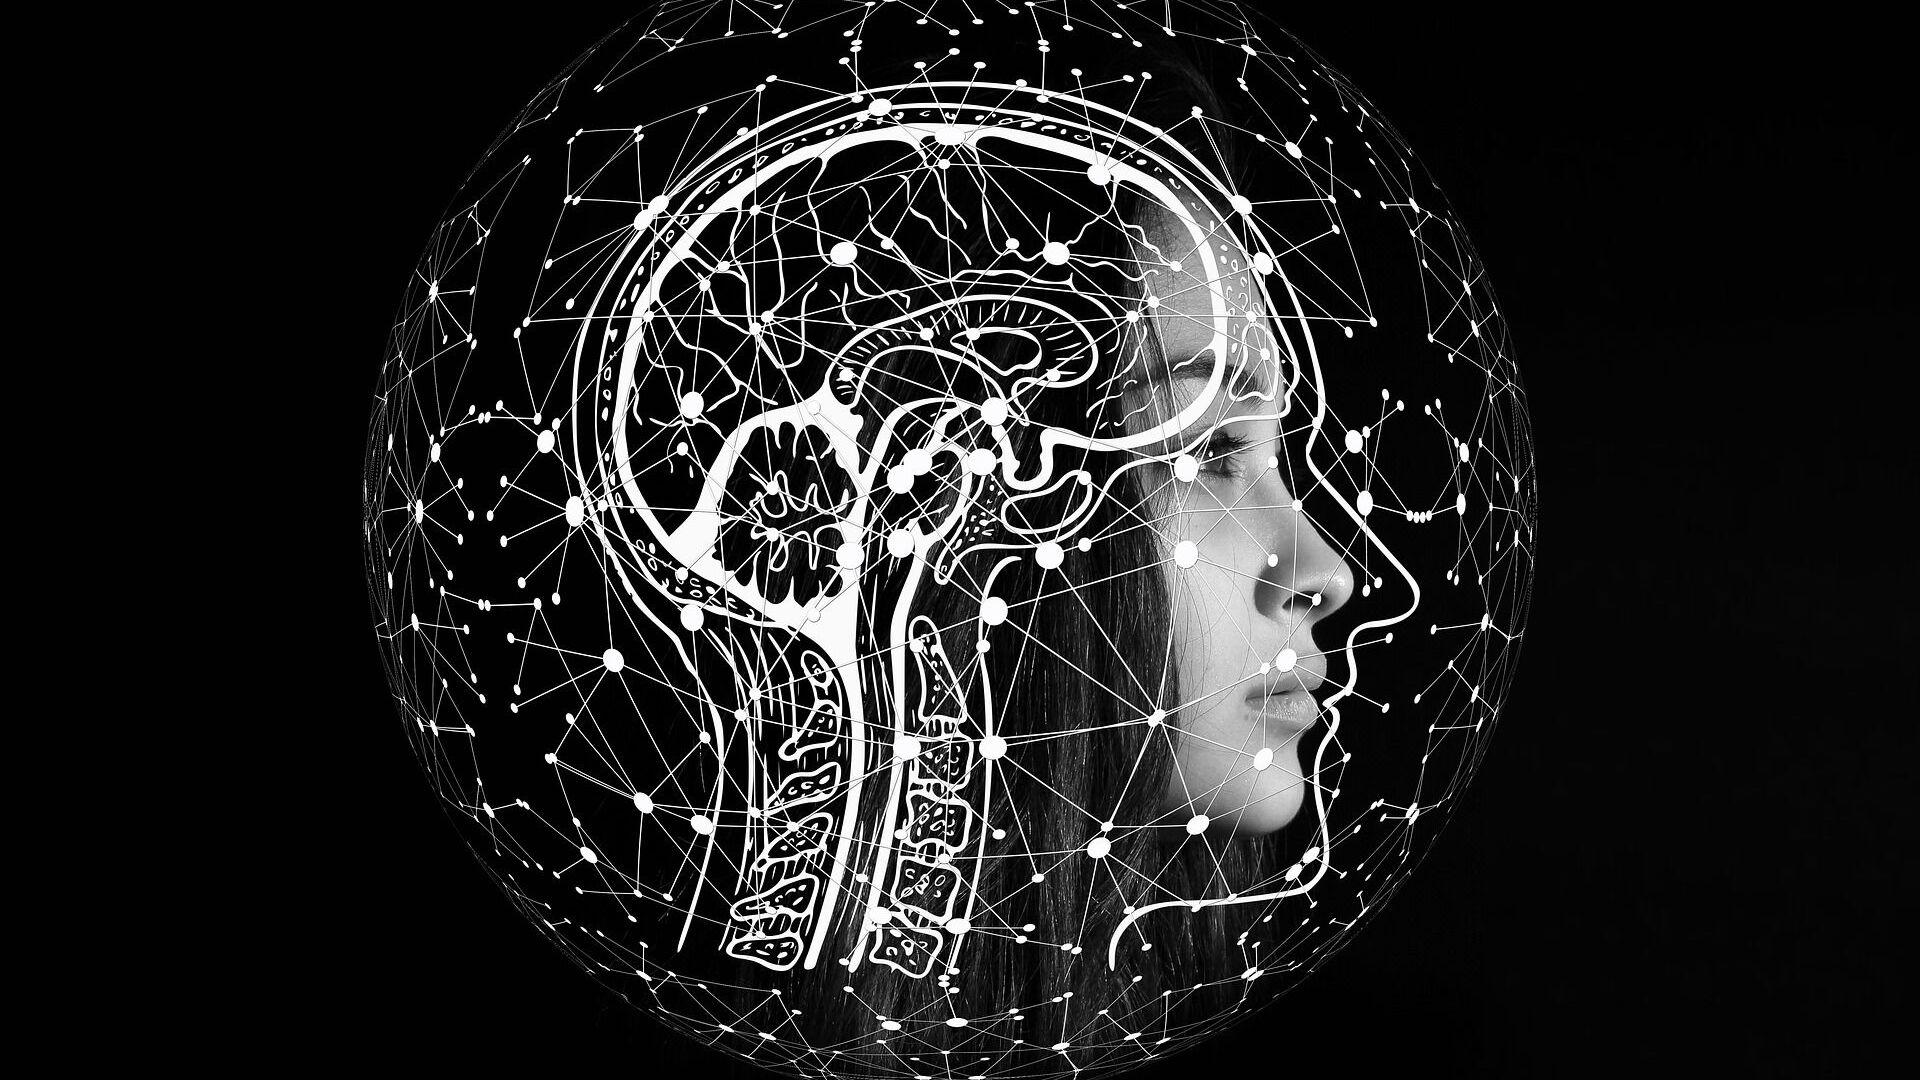 Un cerebro - Sputnik Mundo, 1920, 07.07.2021